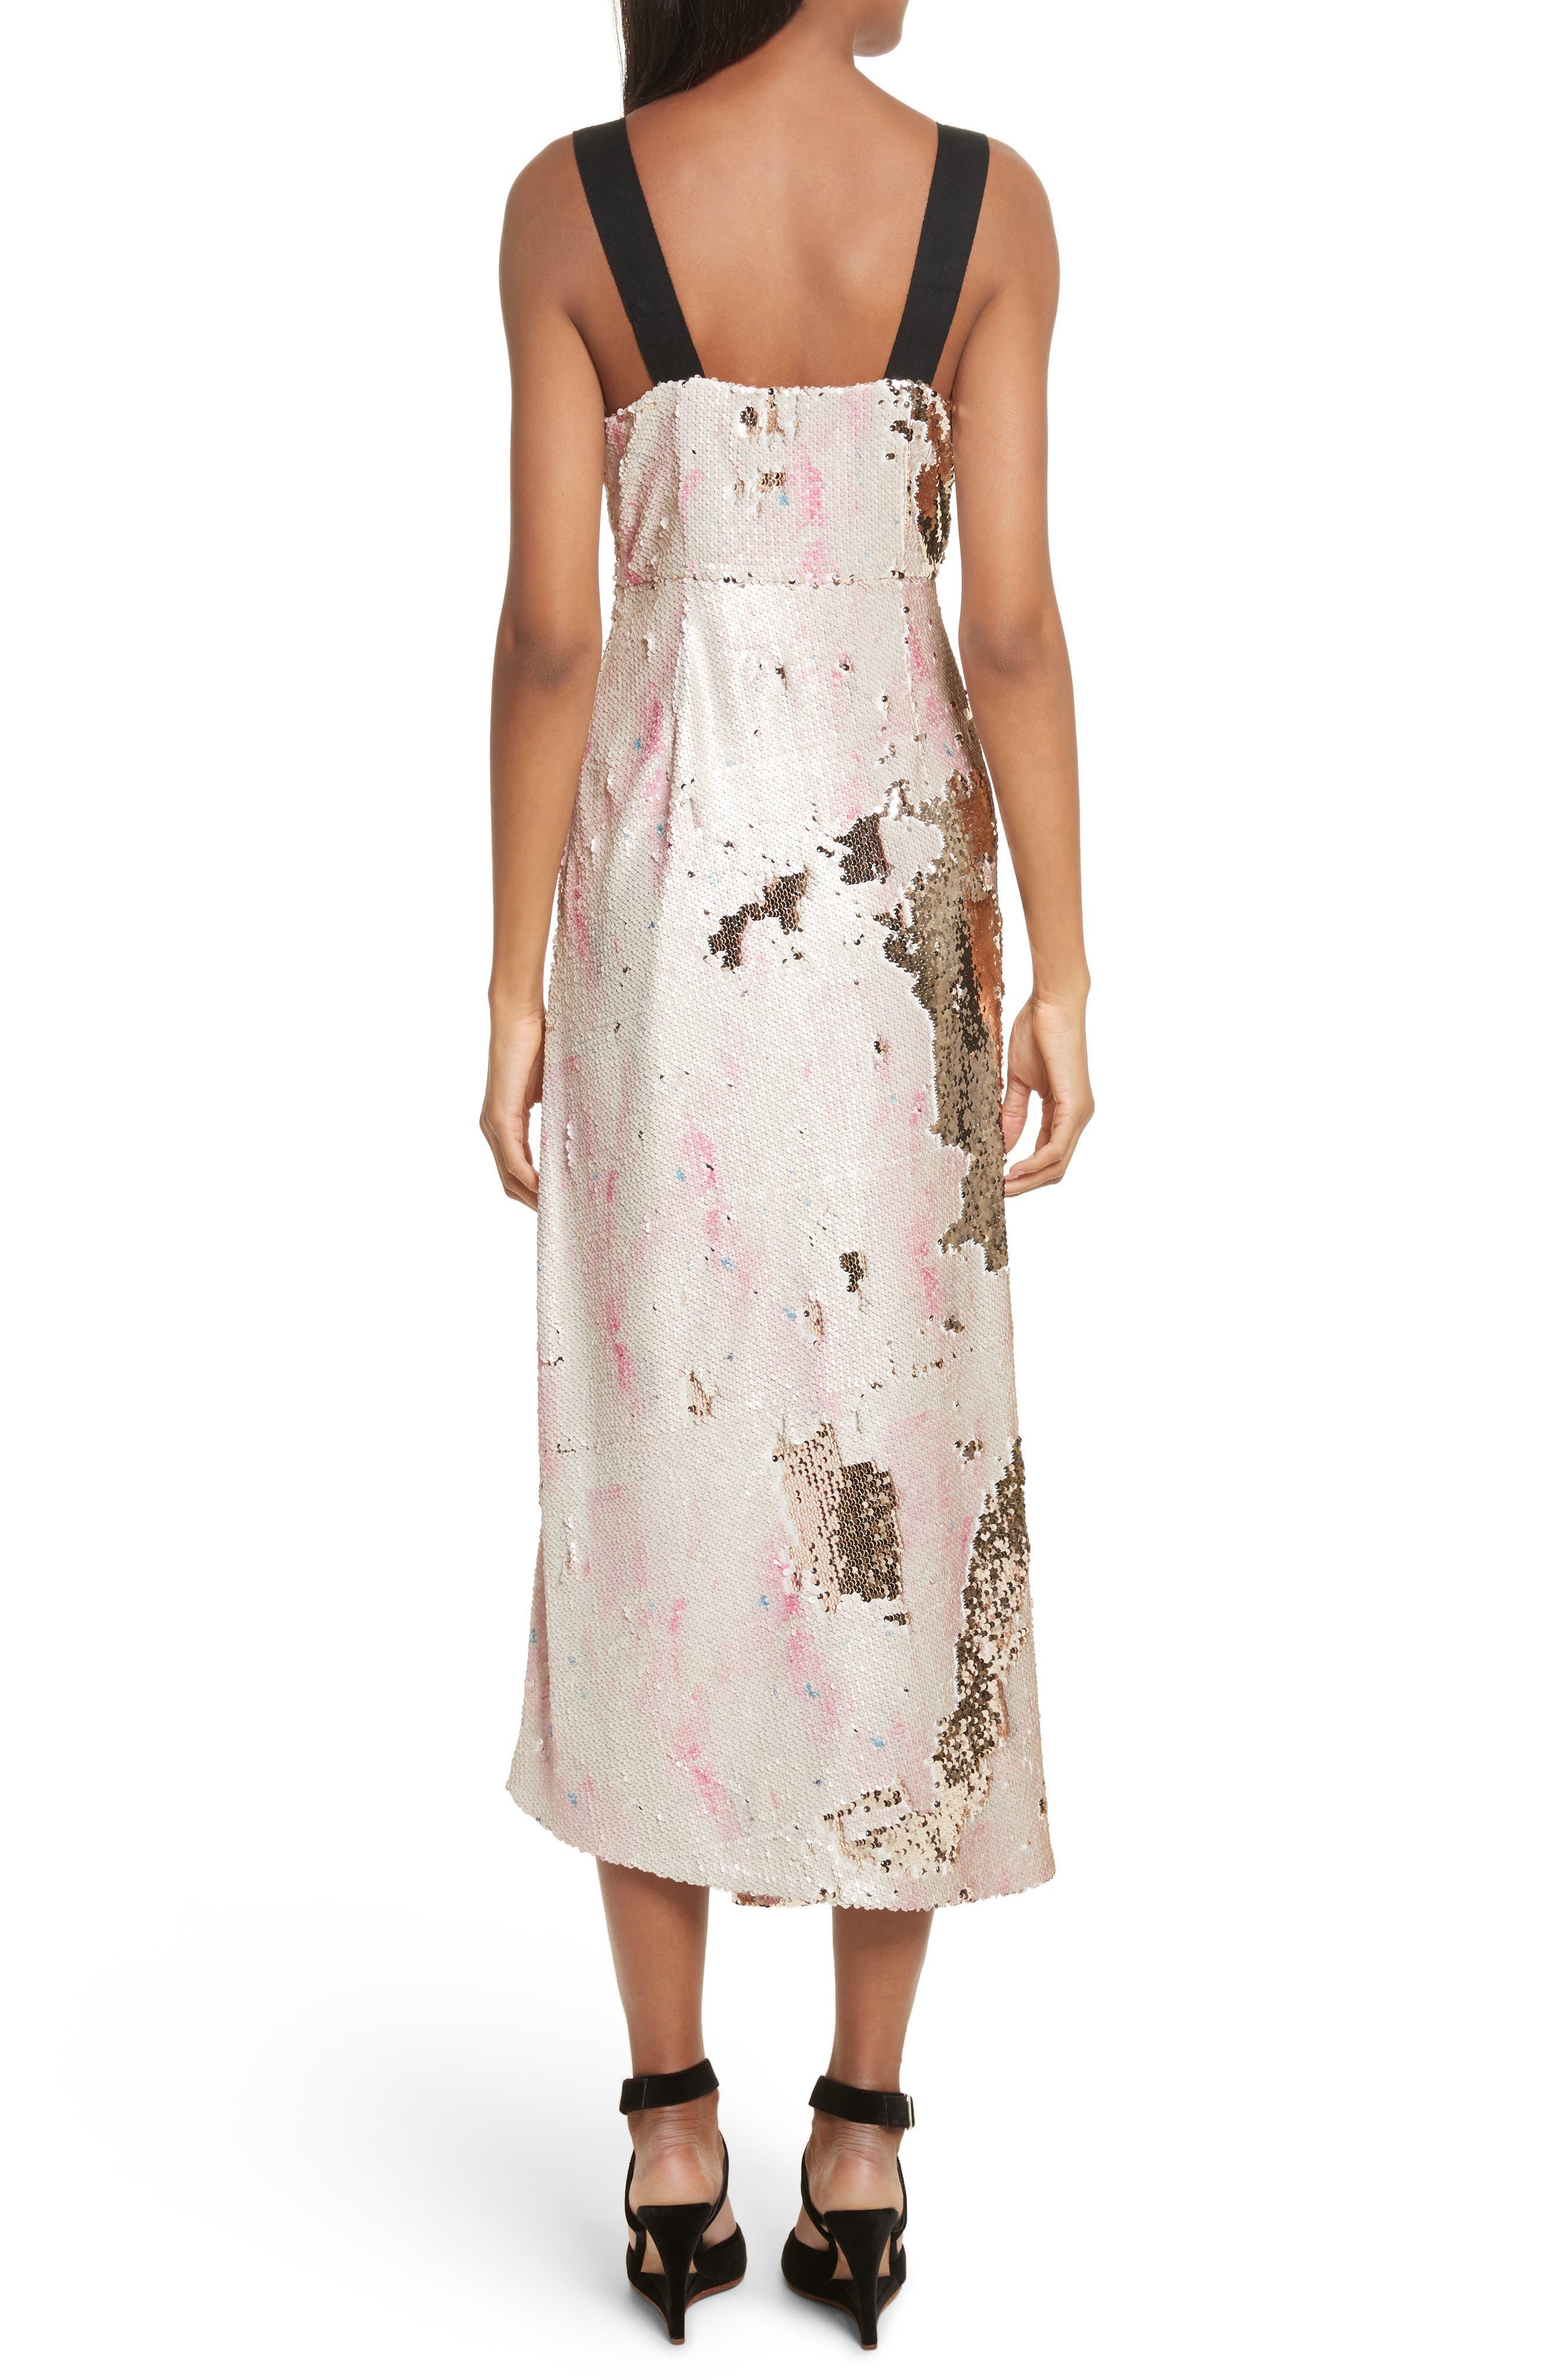 Slacken Sequined Dress,                             Alternate thumbnail 2, color,                             658